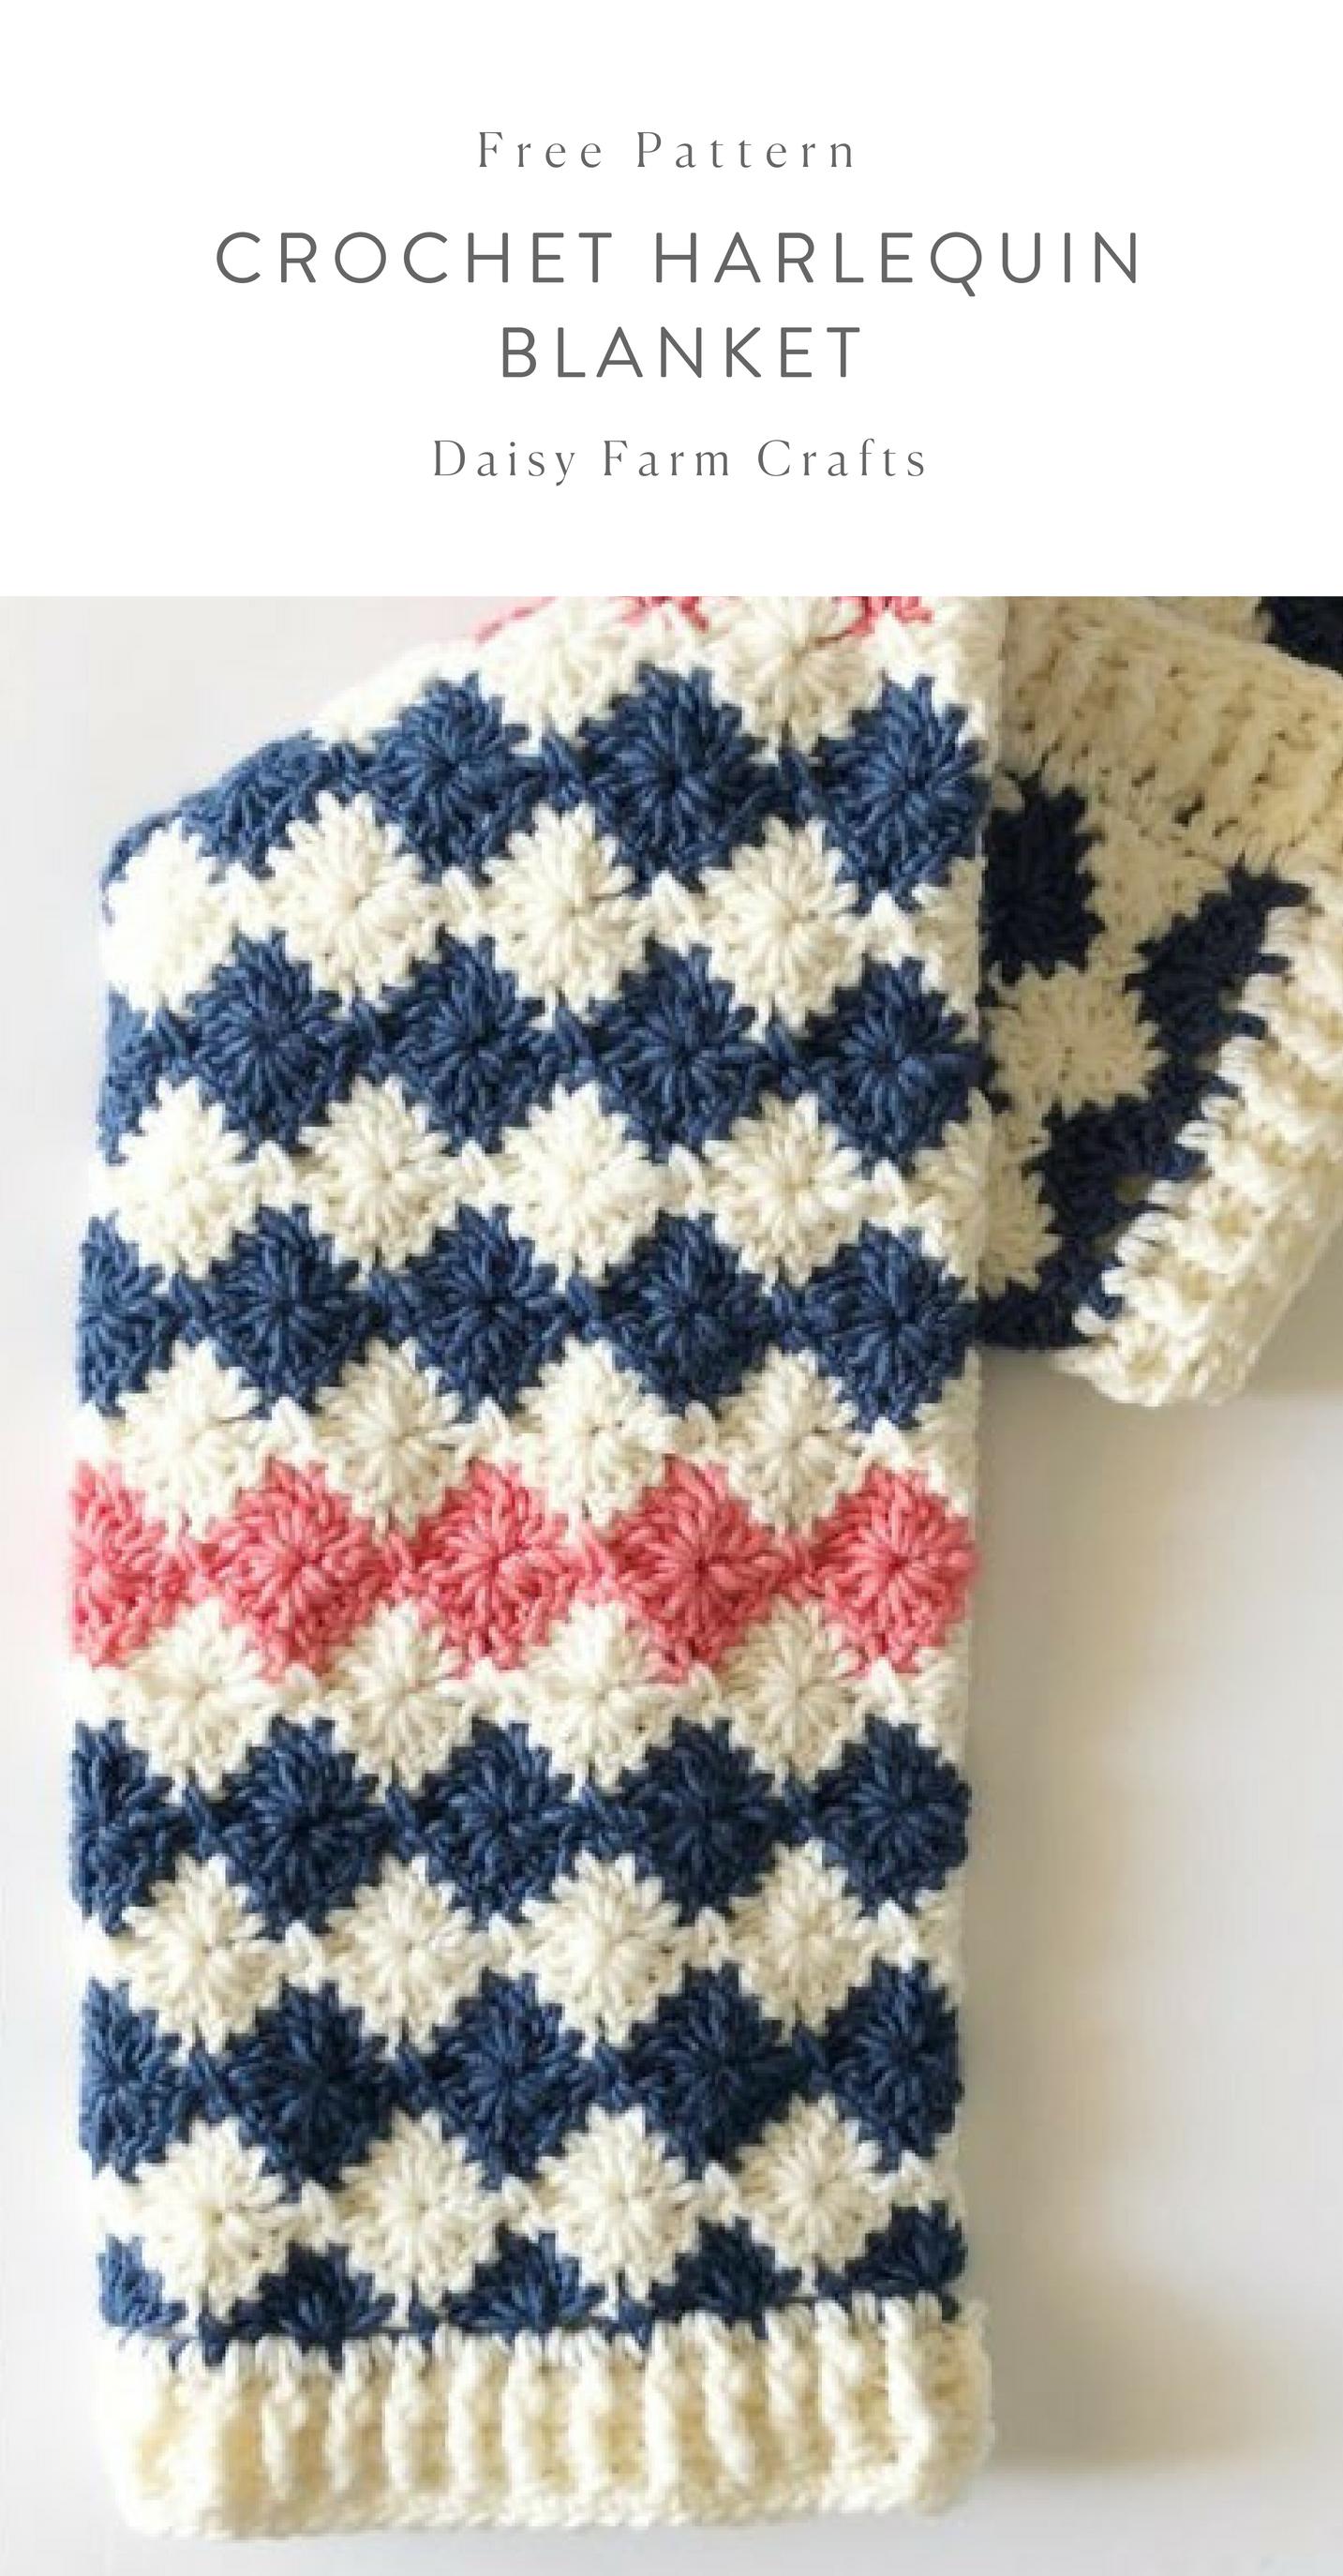 Free Pattern - Crochet Harlequin Blanket #crochet | Afghan ...